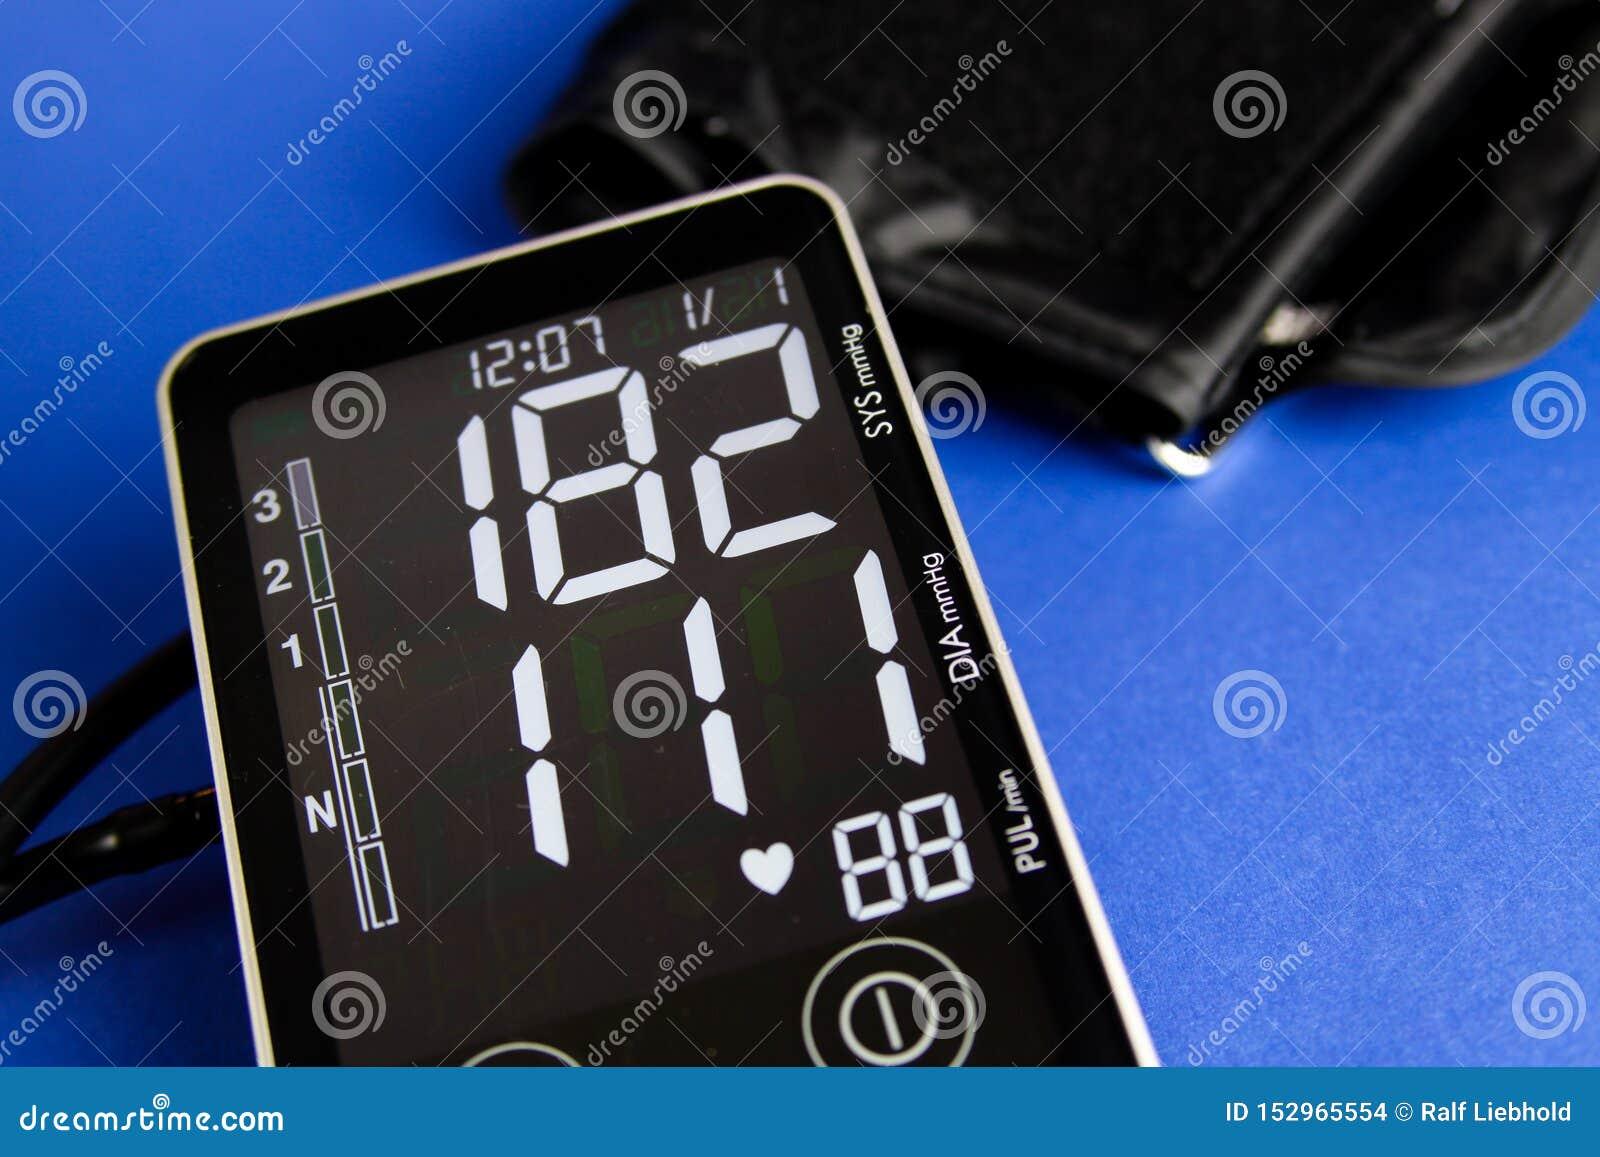 Fermez-vous du moniteur numérique de sphygmomanometer avec la manchette montrant la tension artérielle diastolique et systolique